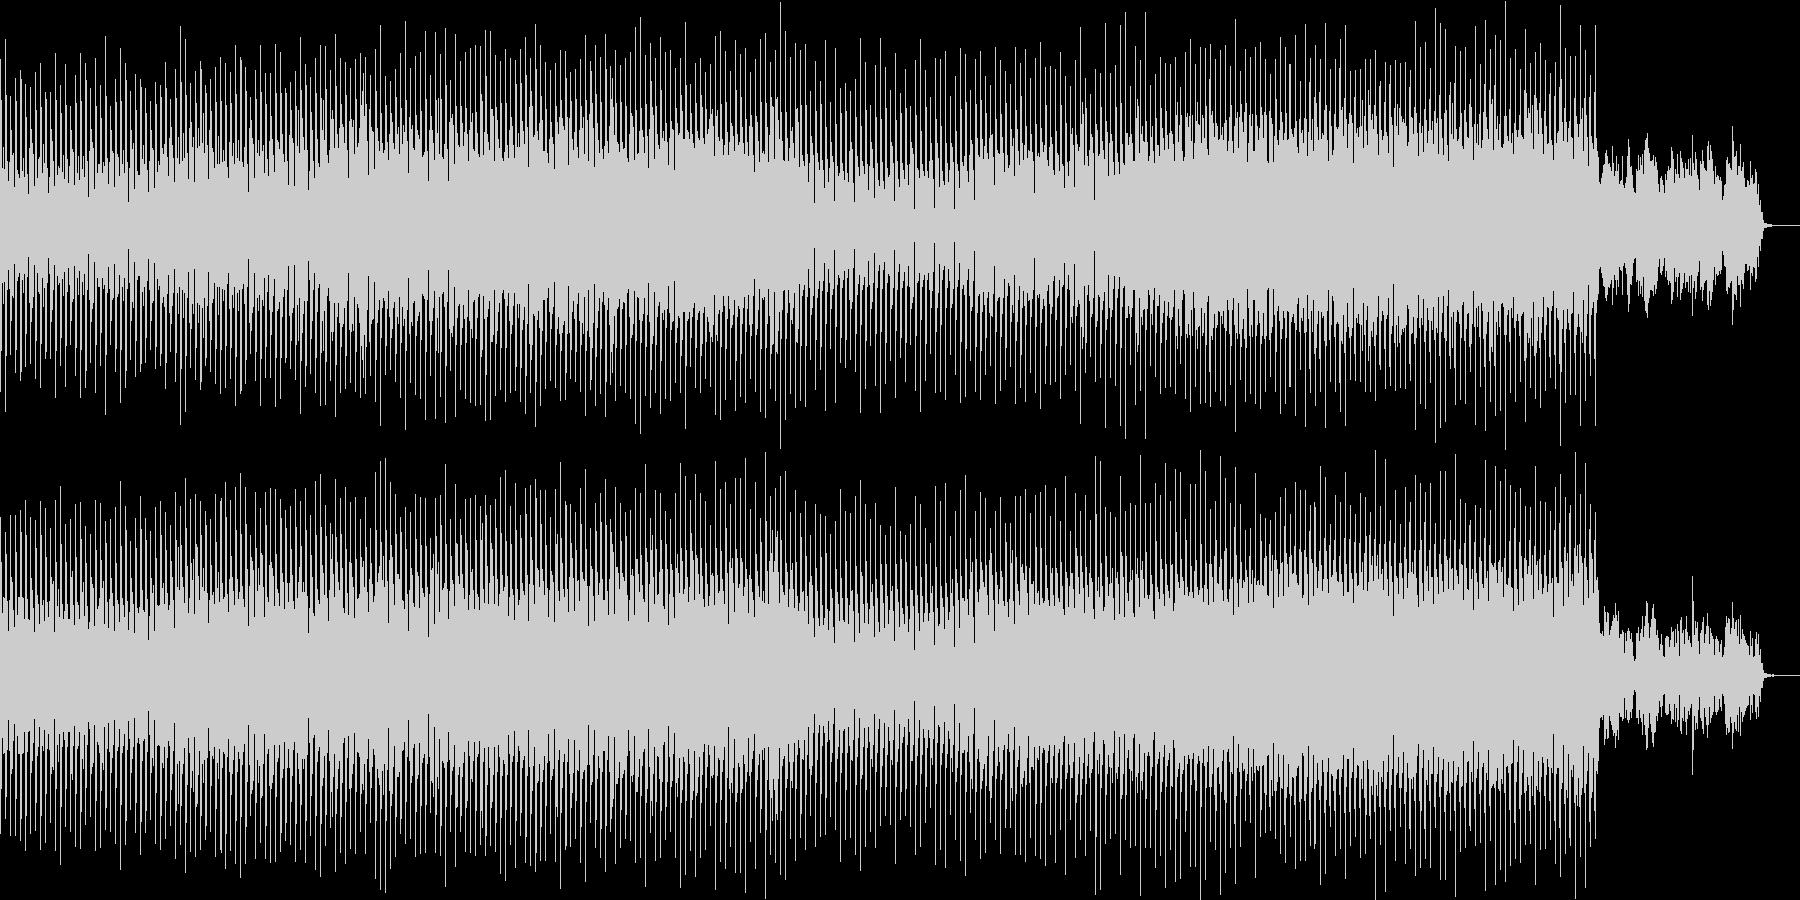 ニュース映像ナレーションバック向け-07の未再生の波形